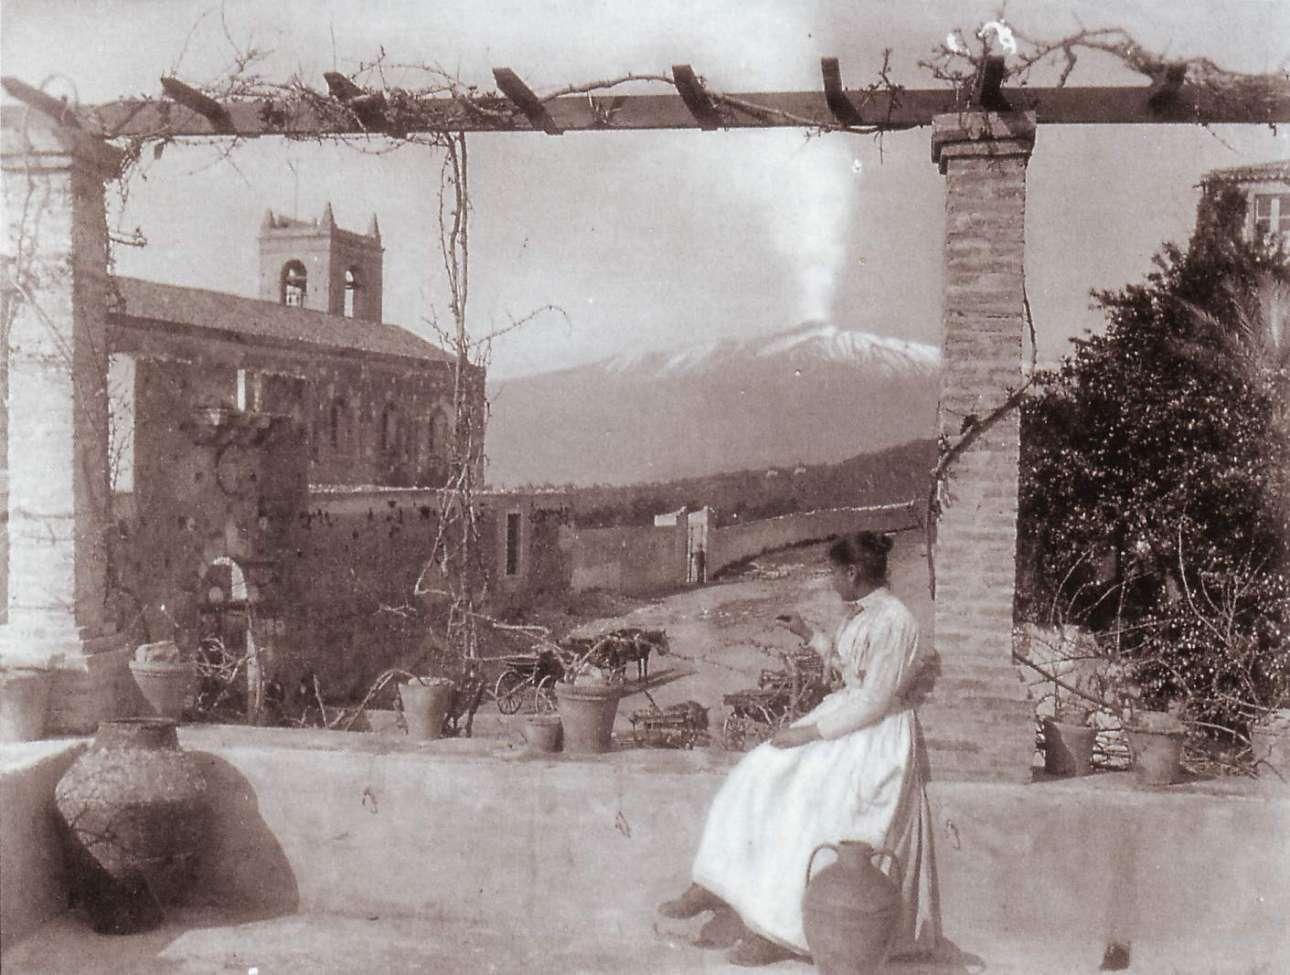 Μία γυναίκα κοιτάζει το ηφαίστειο από την εκκλησία Σαν Ντομένικα στην Ταορμίνα, το 1895